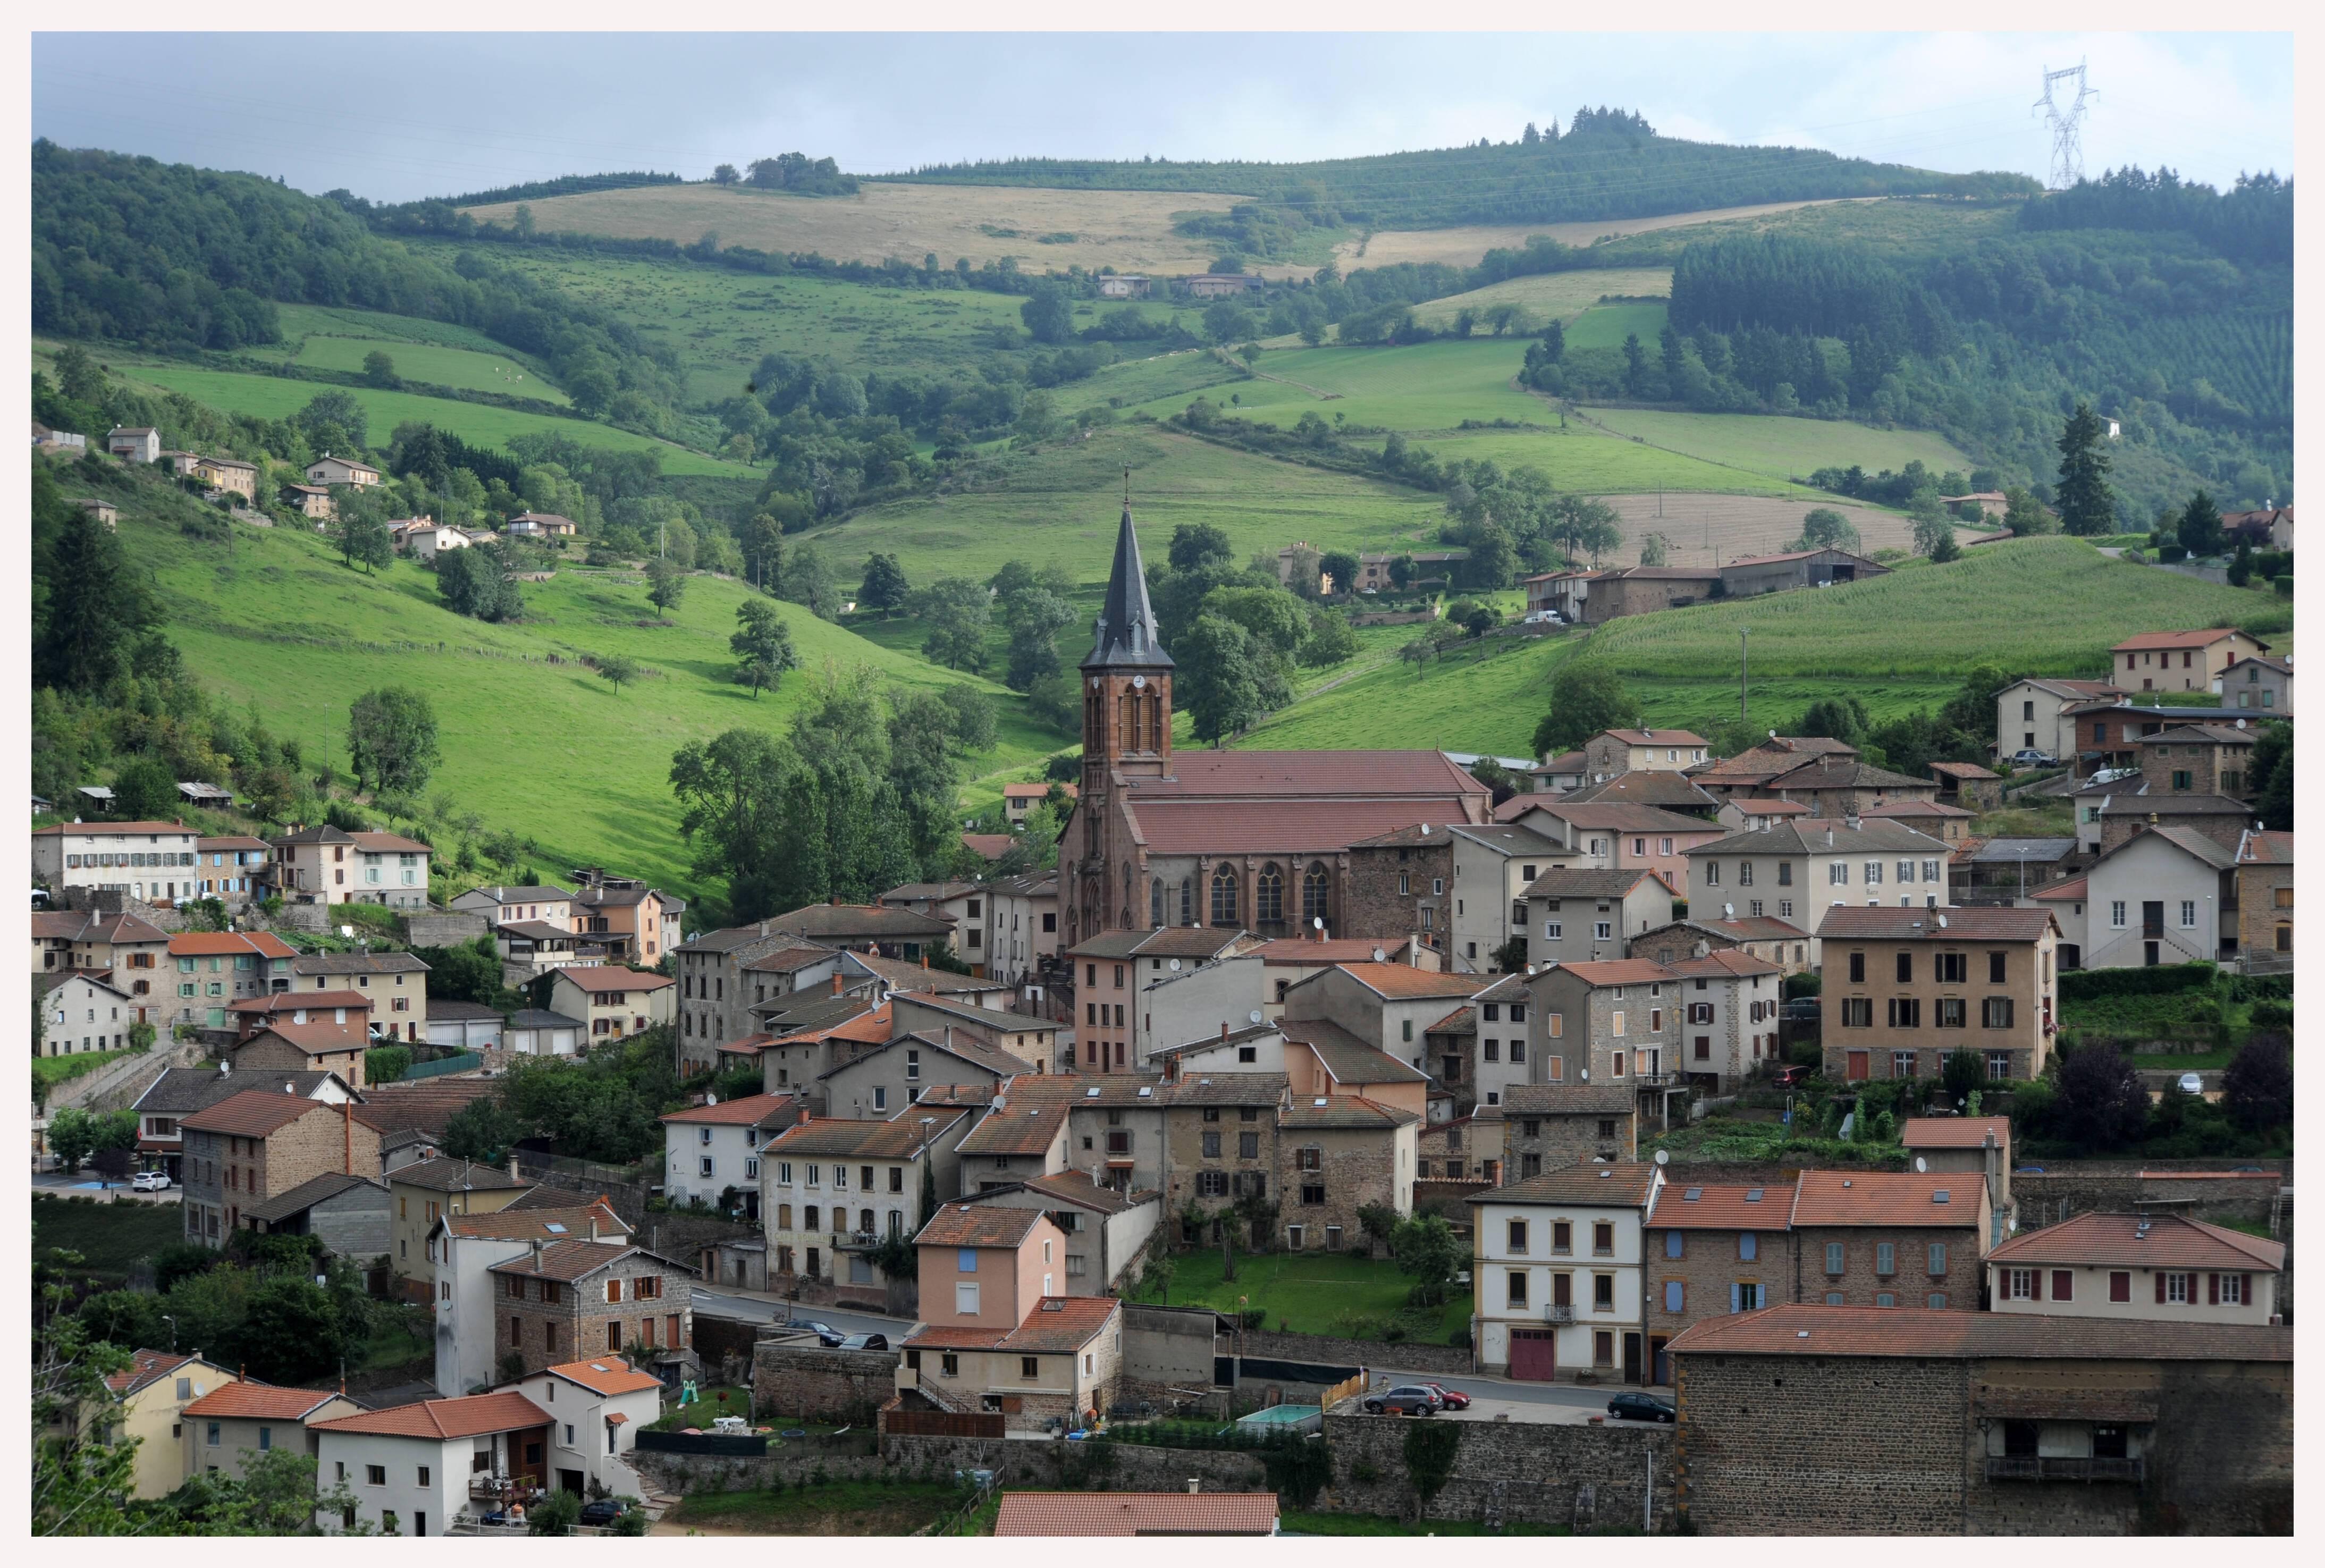 Le village de Valsonne et son église, vus depuis le sud